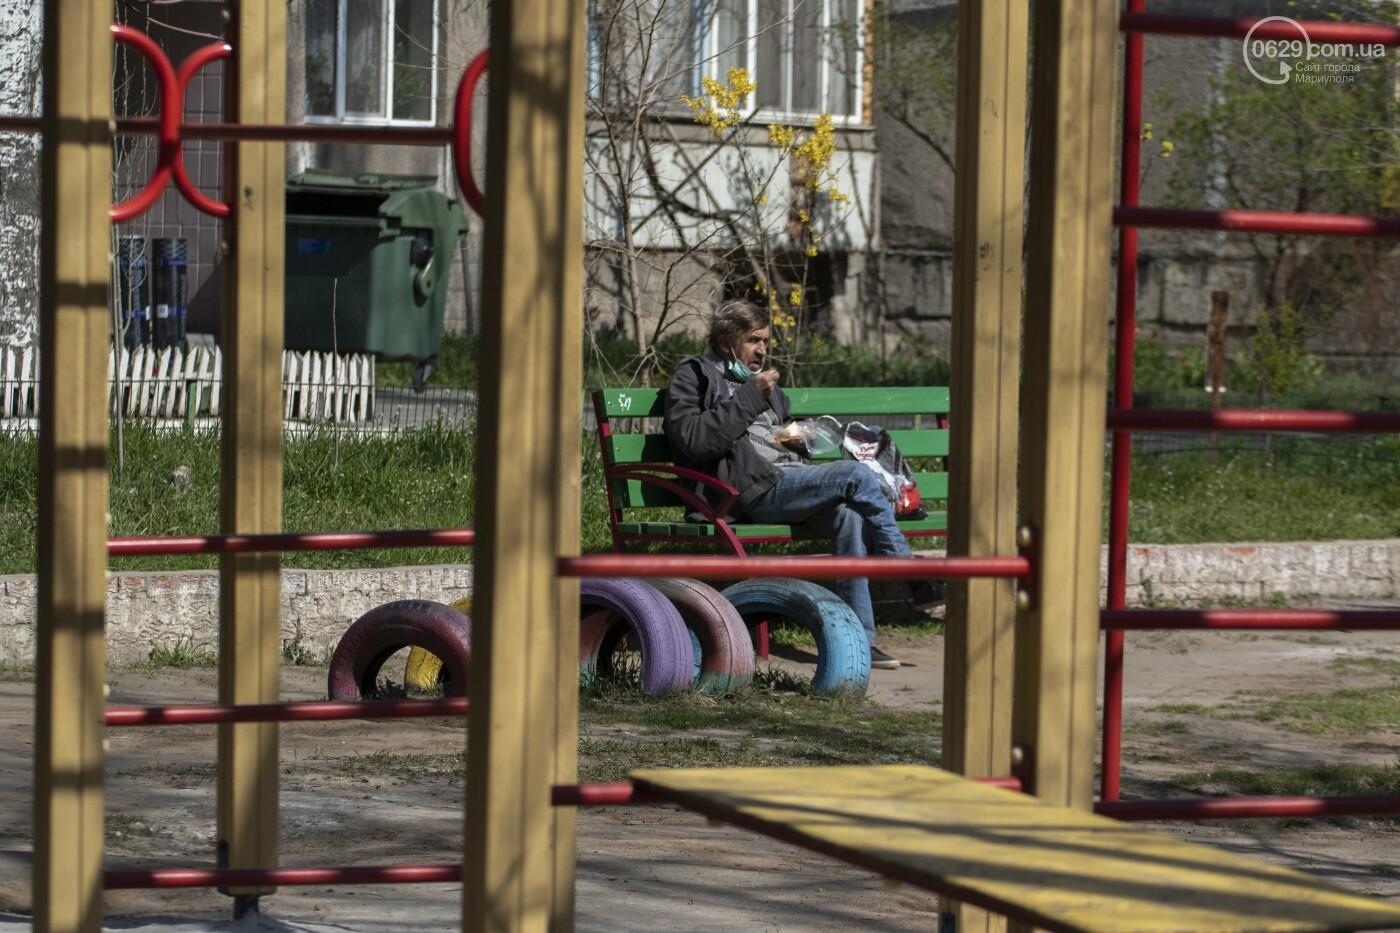 О правилах общежития. Как в Мариуполе кормят голодных и нищих, - ФОТОРЕПОРТАЖ, фото-10